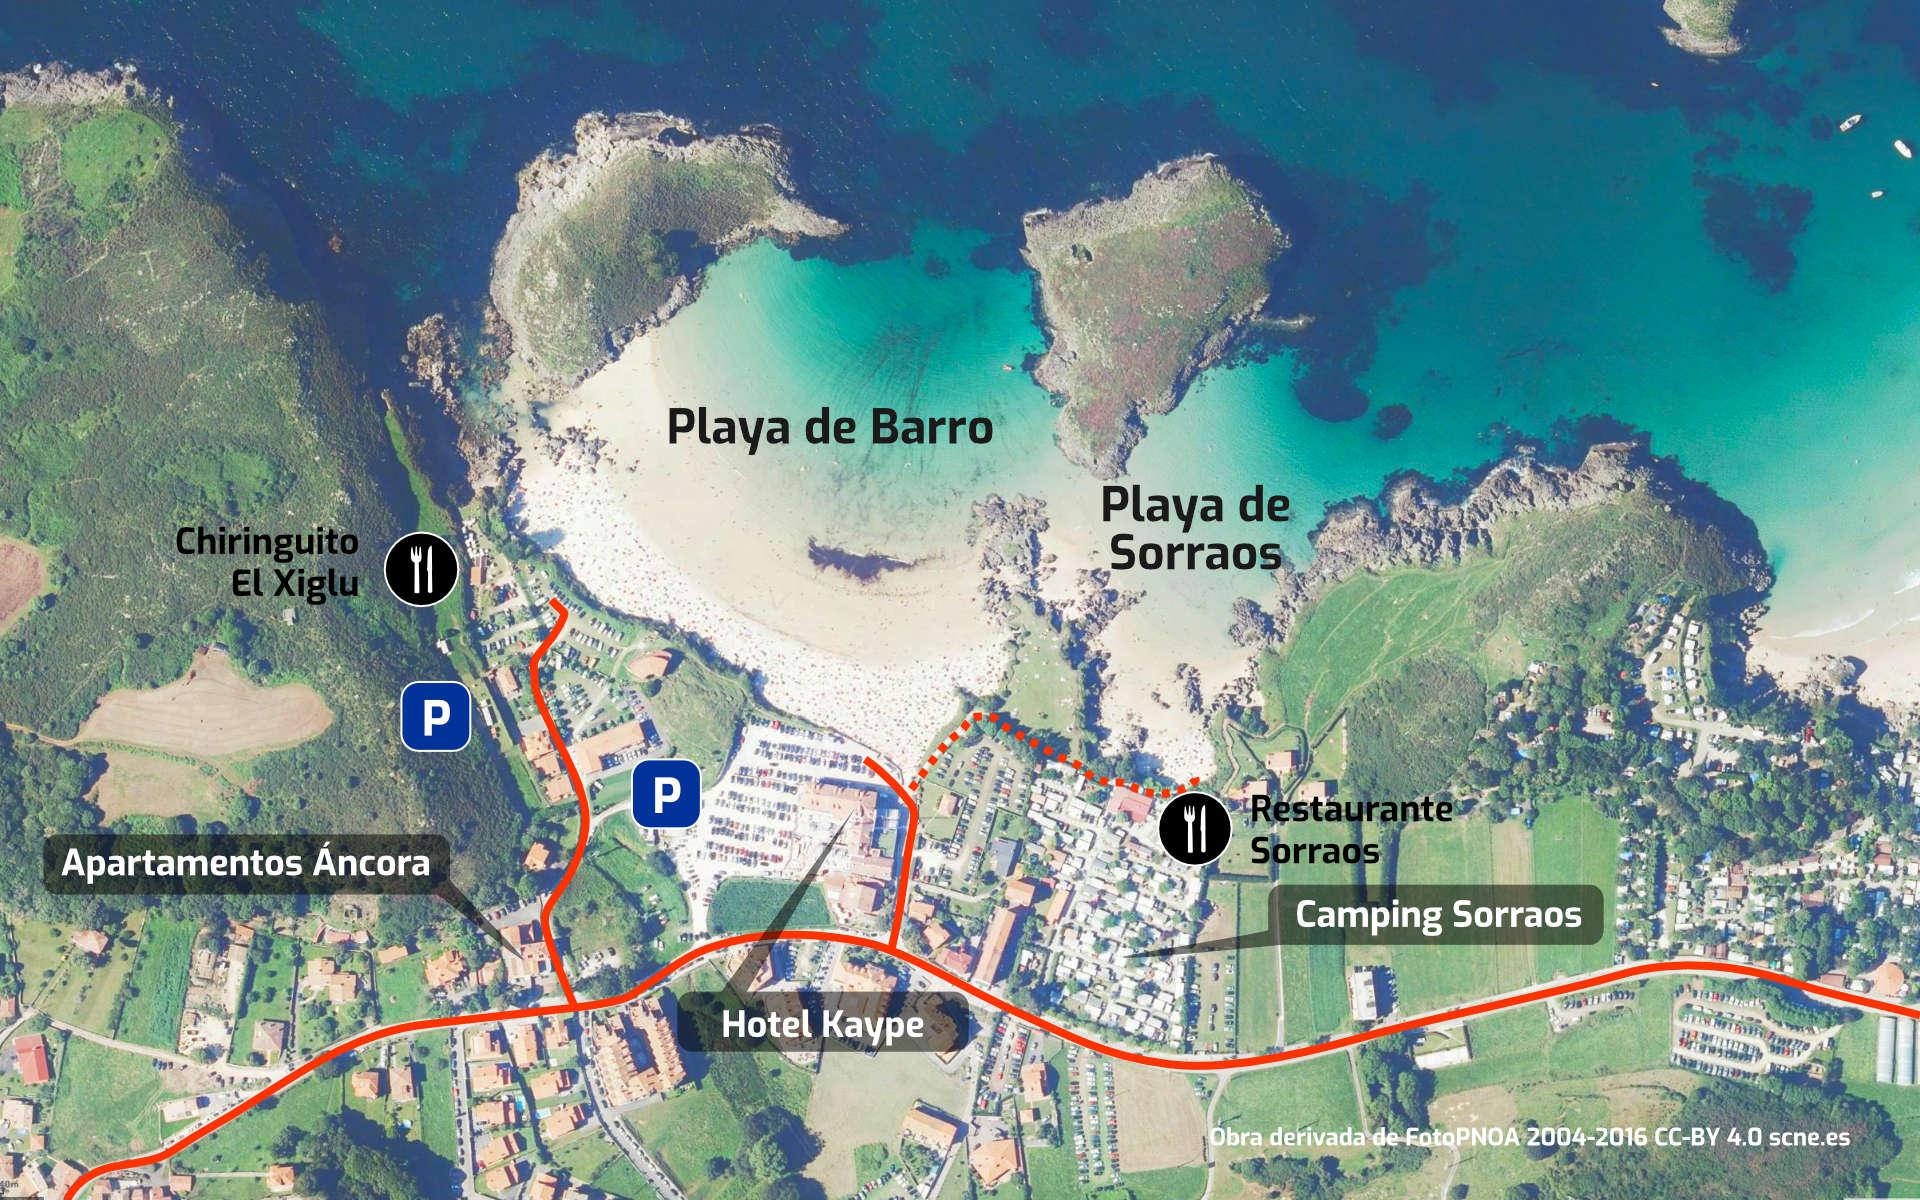 Mapa de cómo llegar a las Playas de Barro y Sorraos en Llanes, Asturias